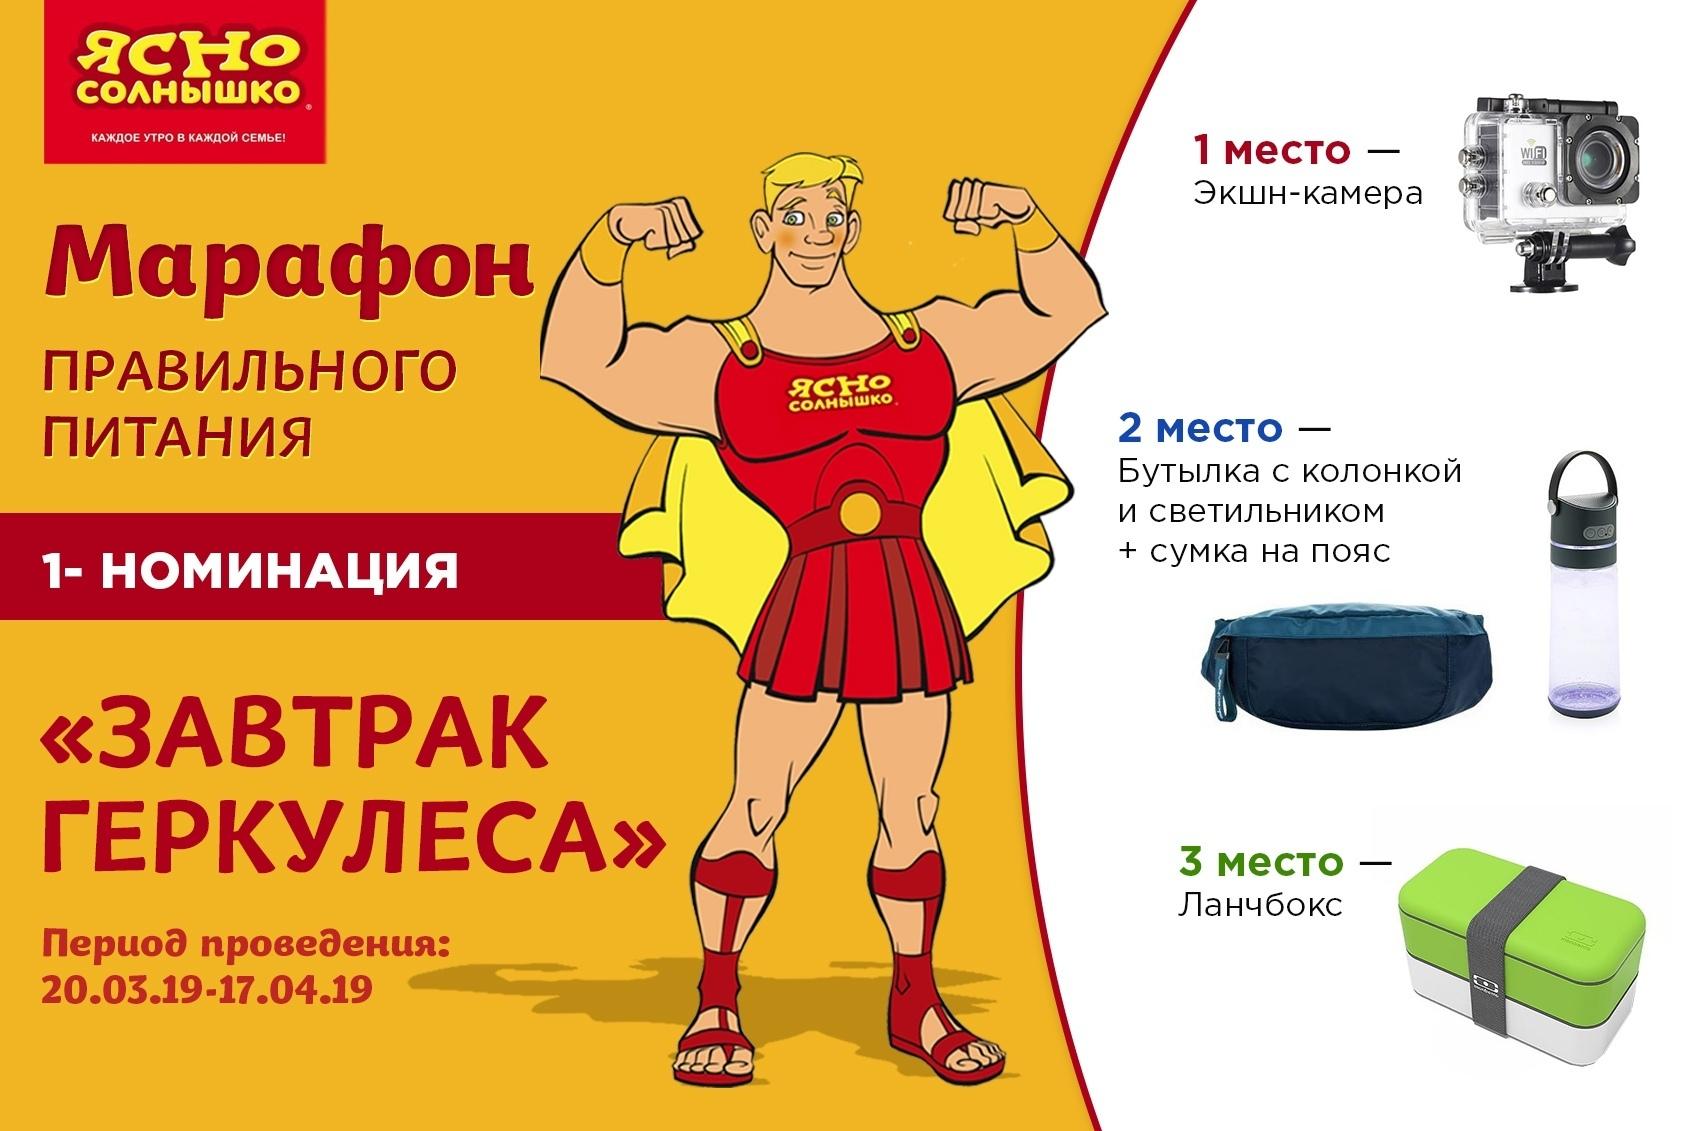 www.vk.com/yasno.solnishko акция 2019 года